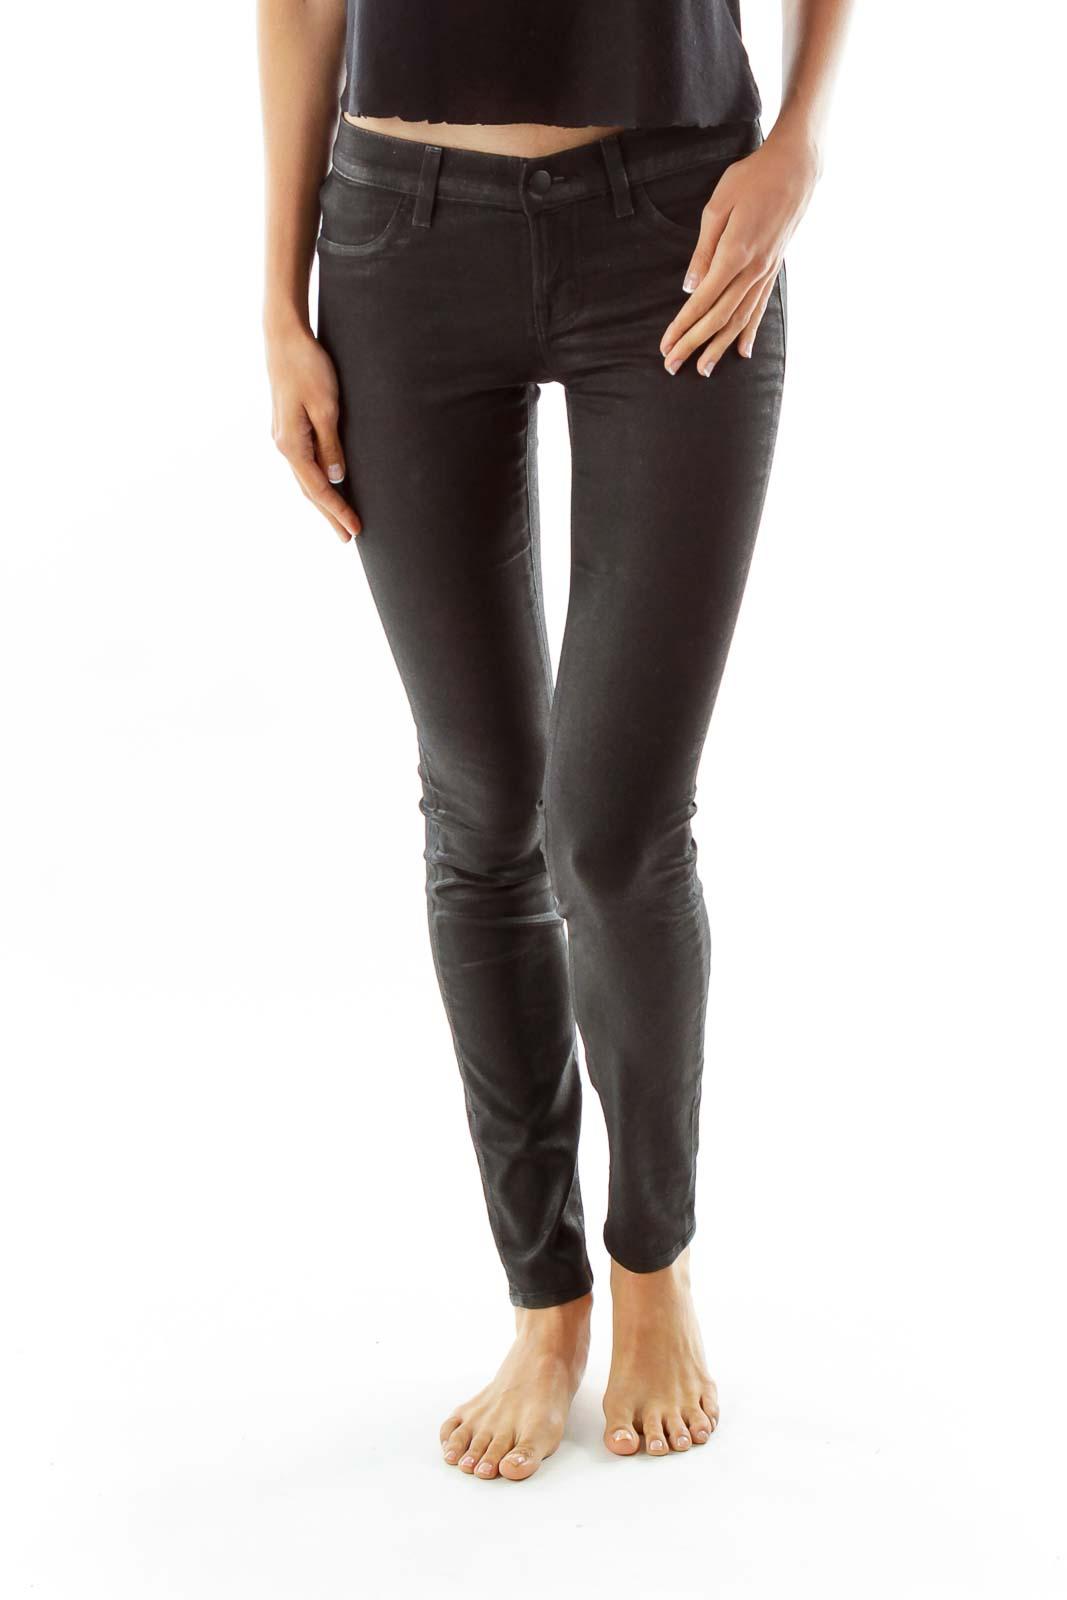 Black Sparkling Faux-Leather Jeans